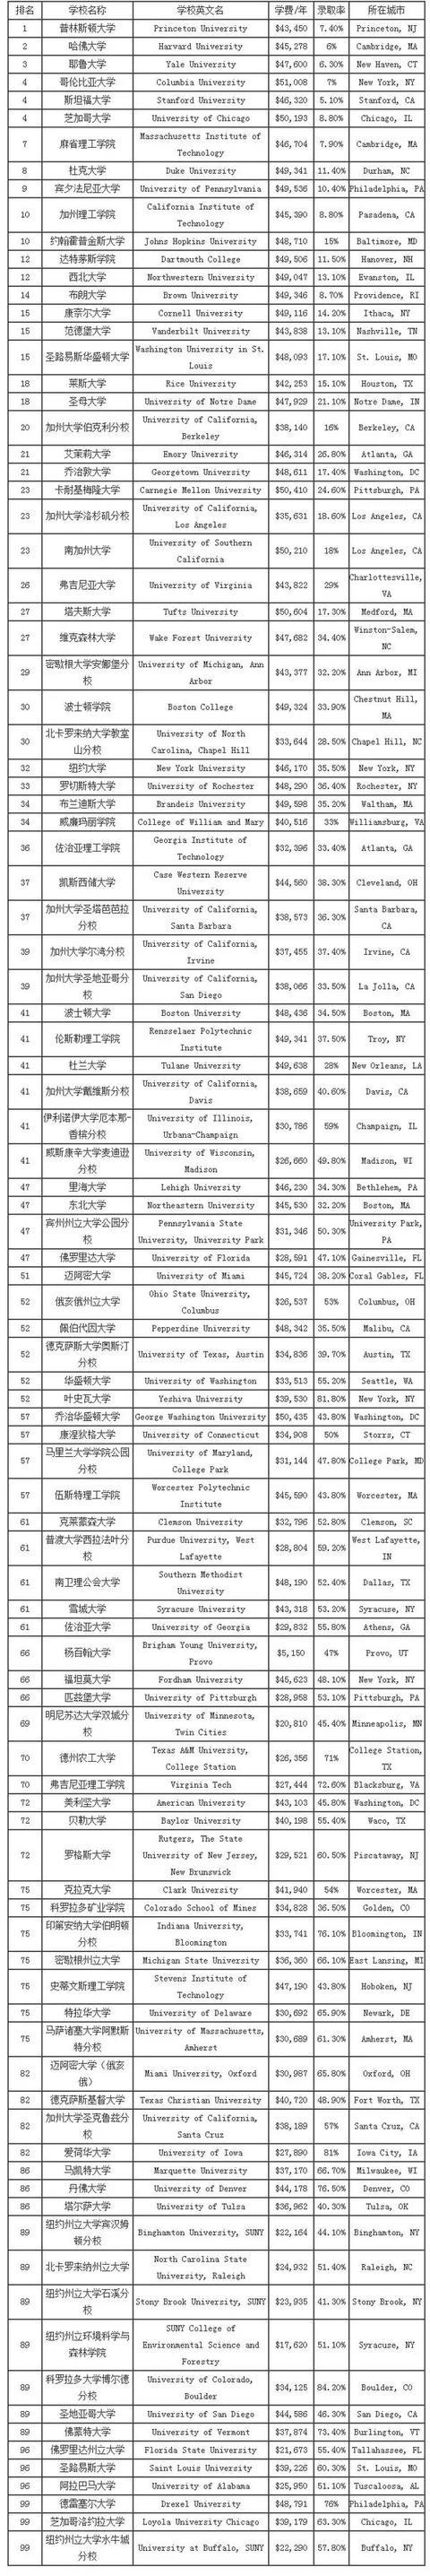 2016USNews大学排名